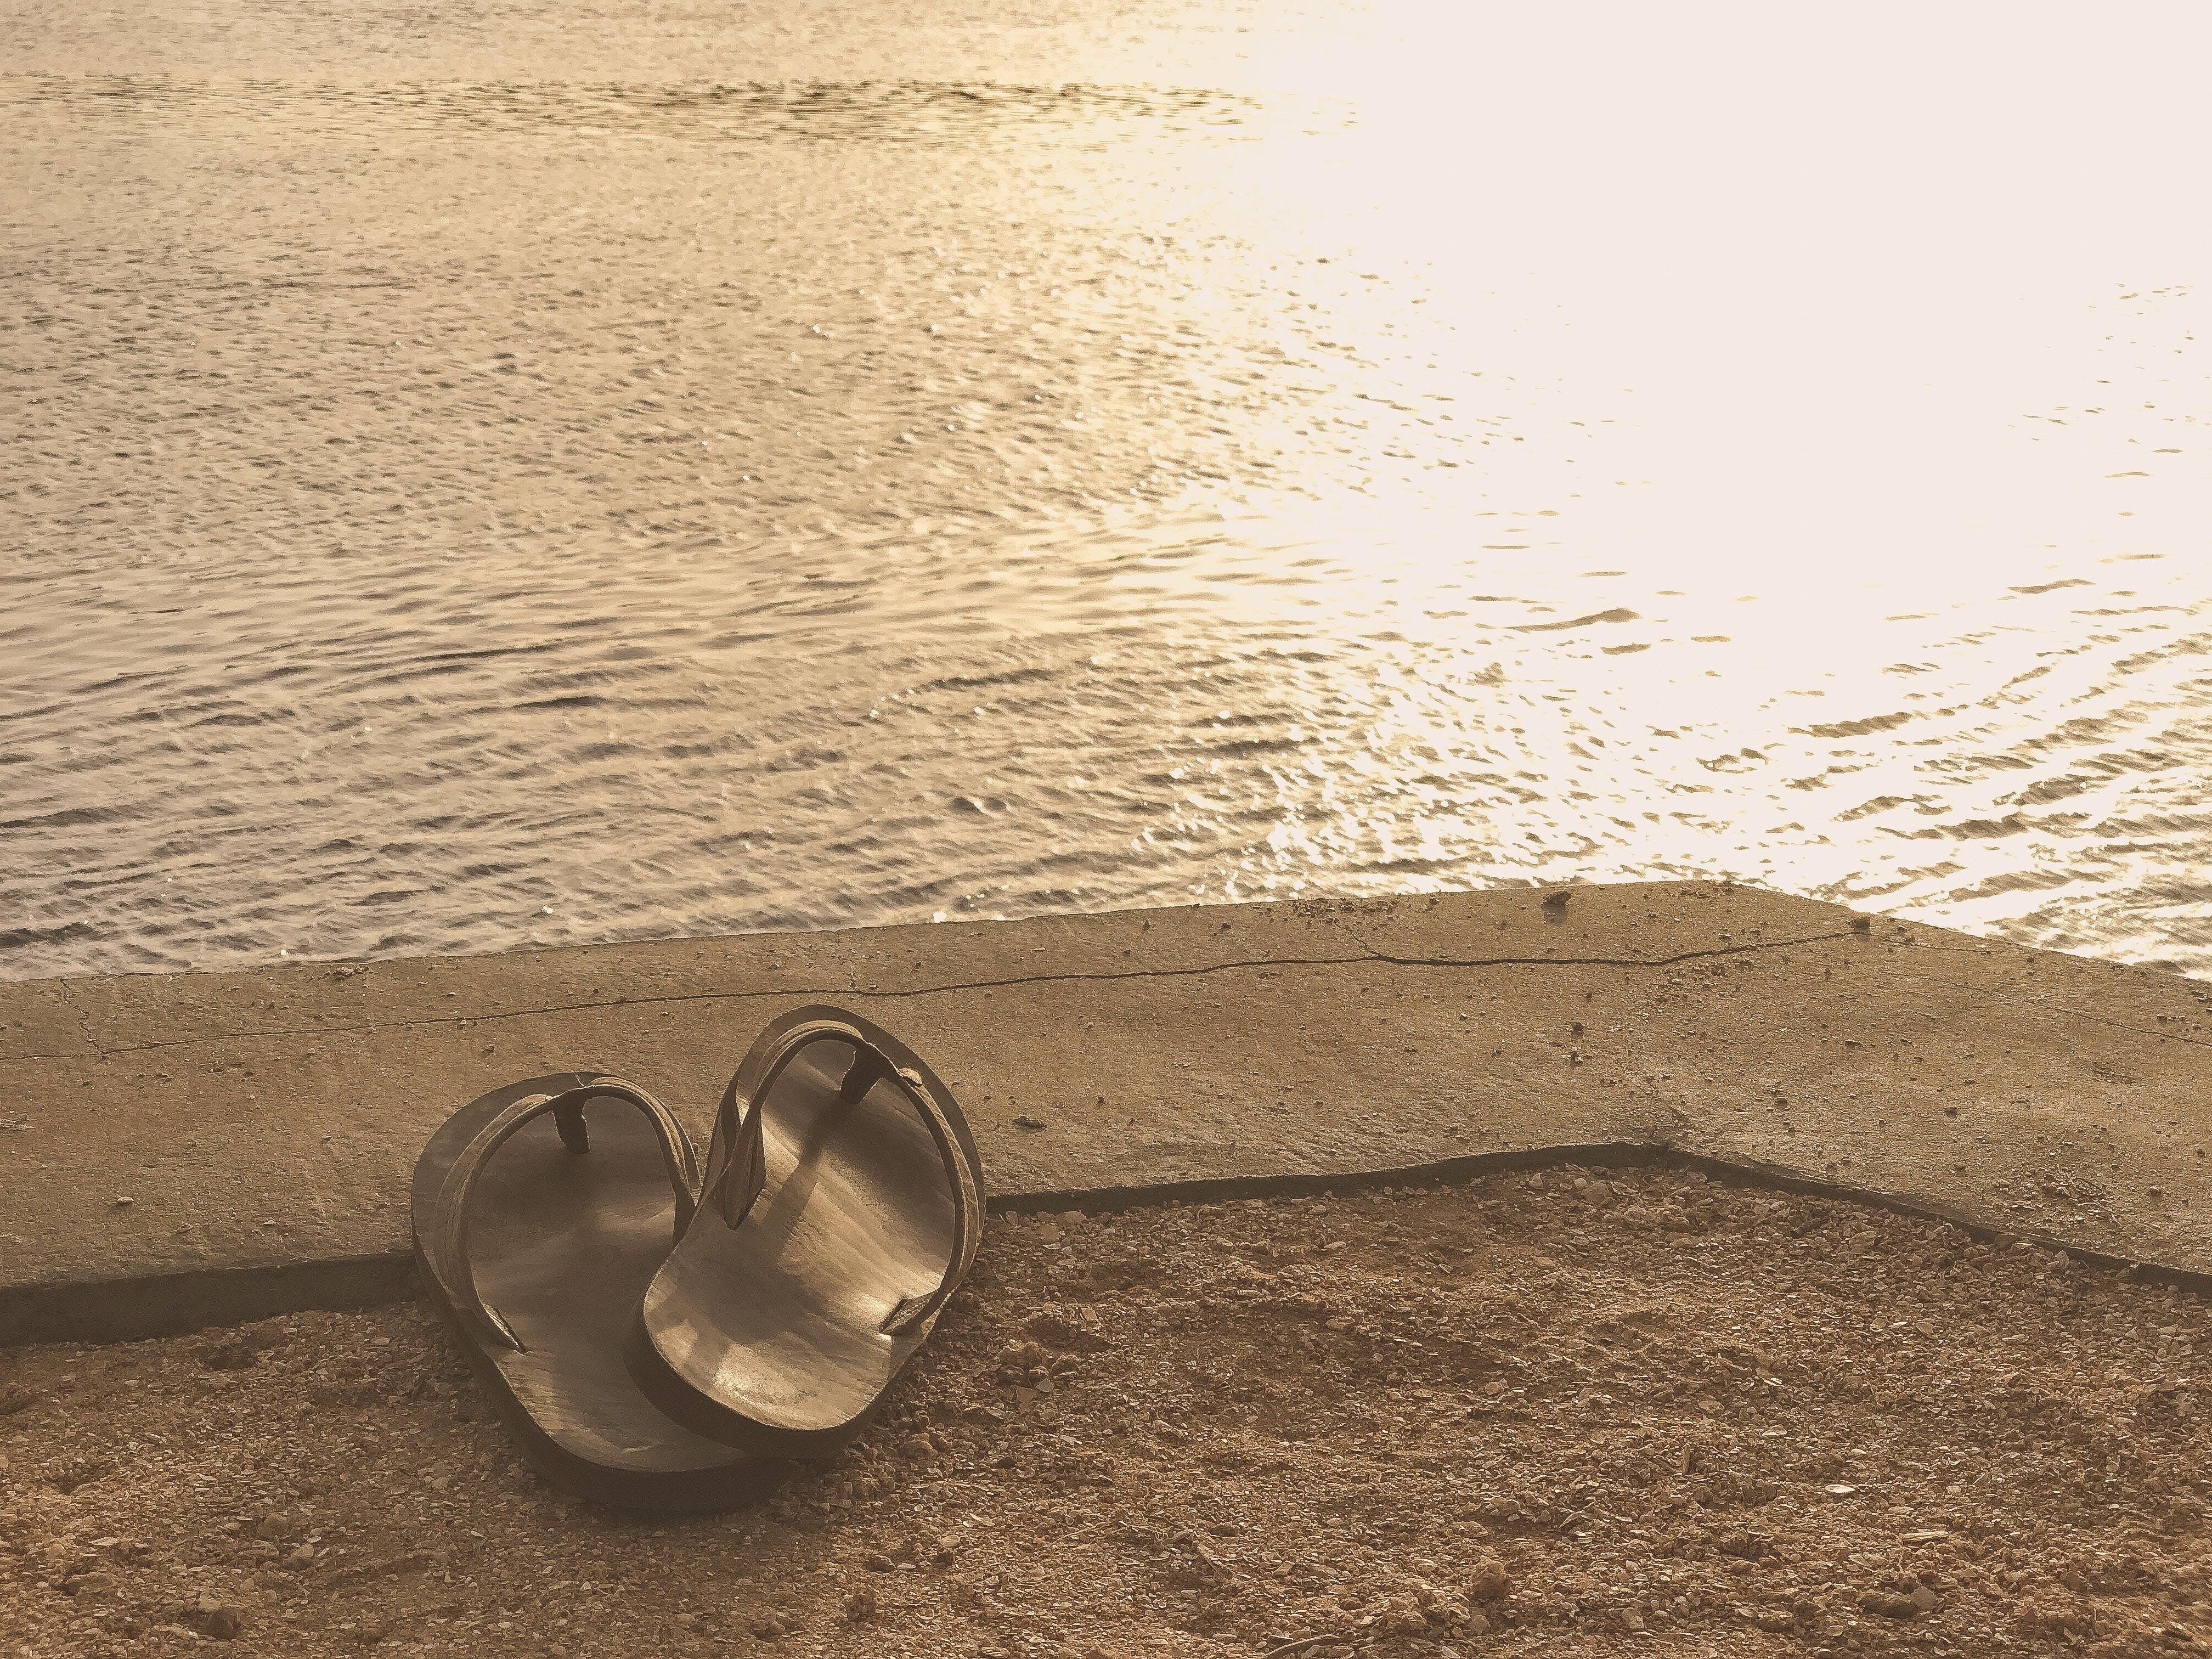 Free stock photo of sunset, fashion, beach, bikini